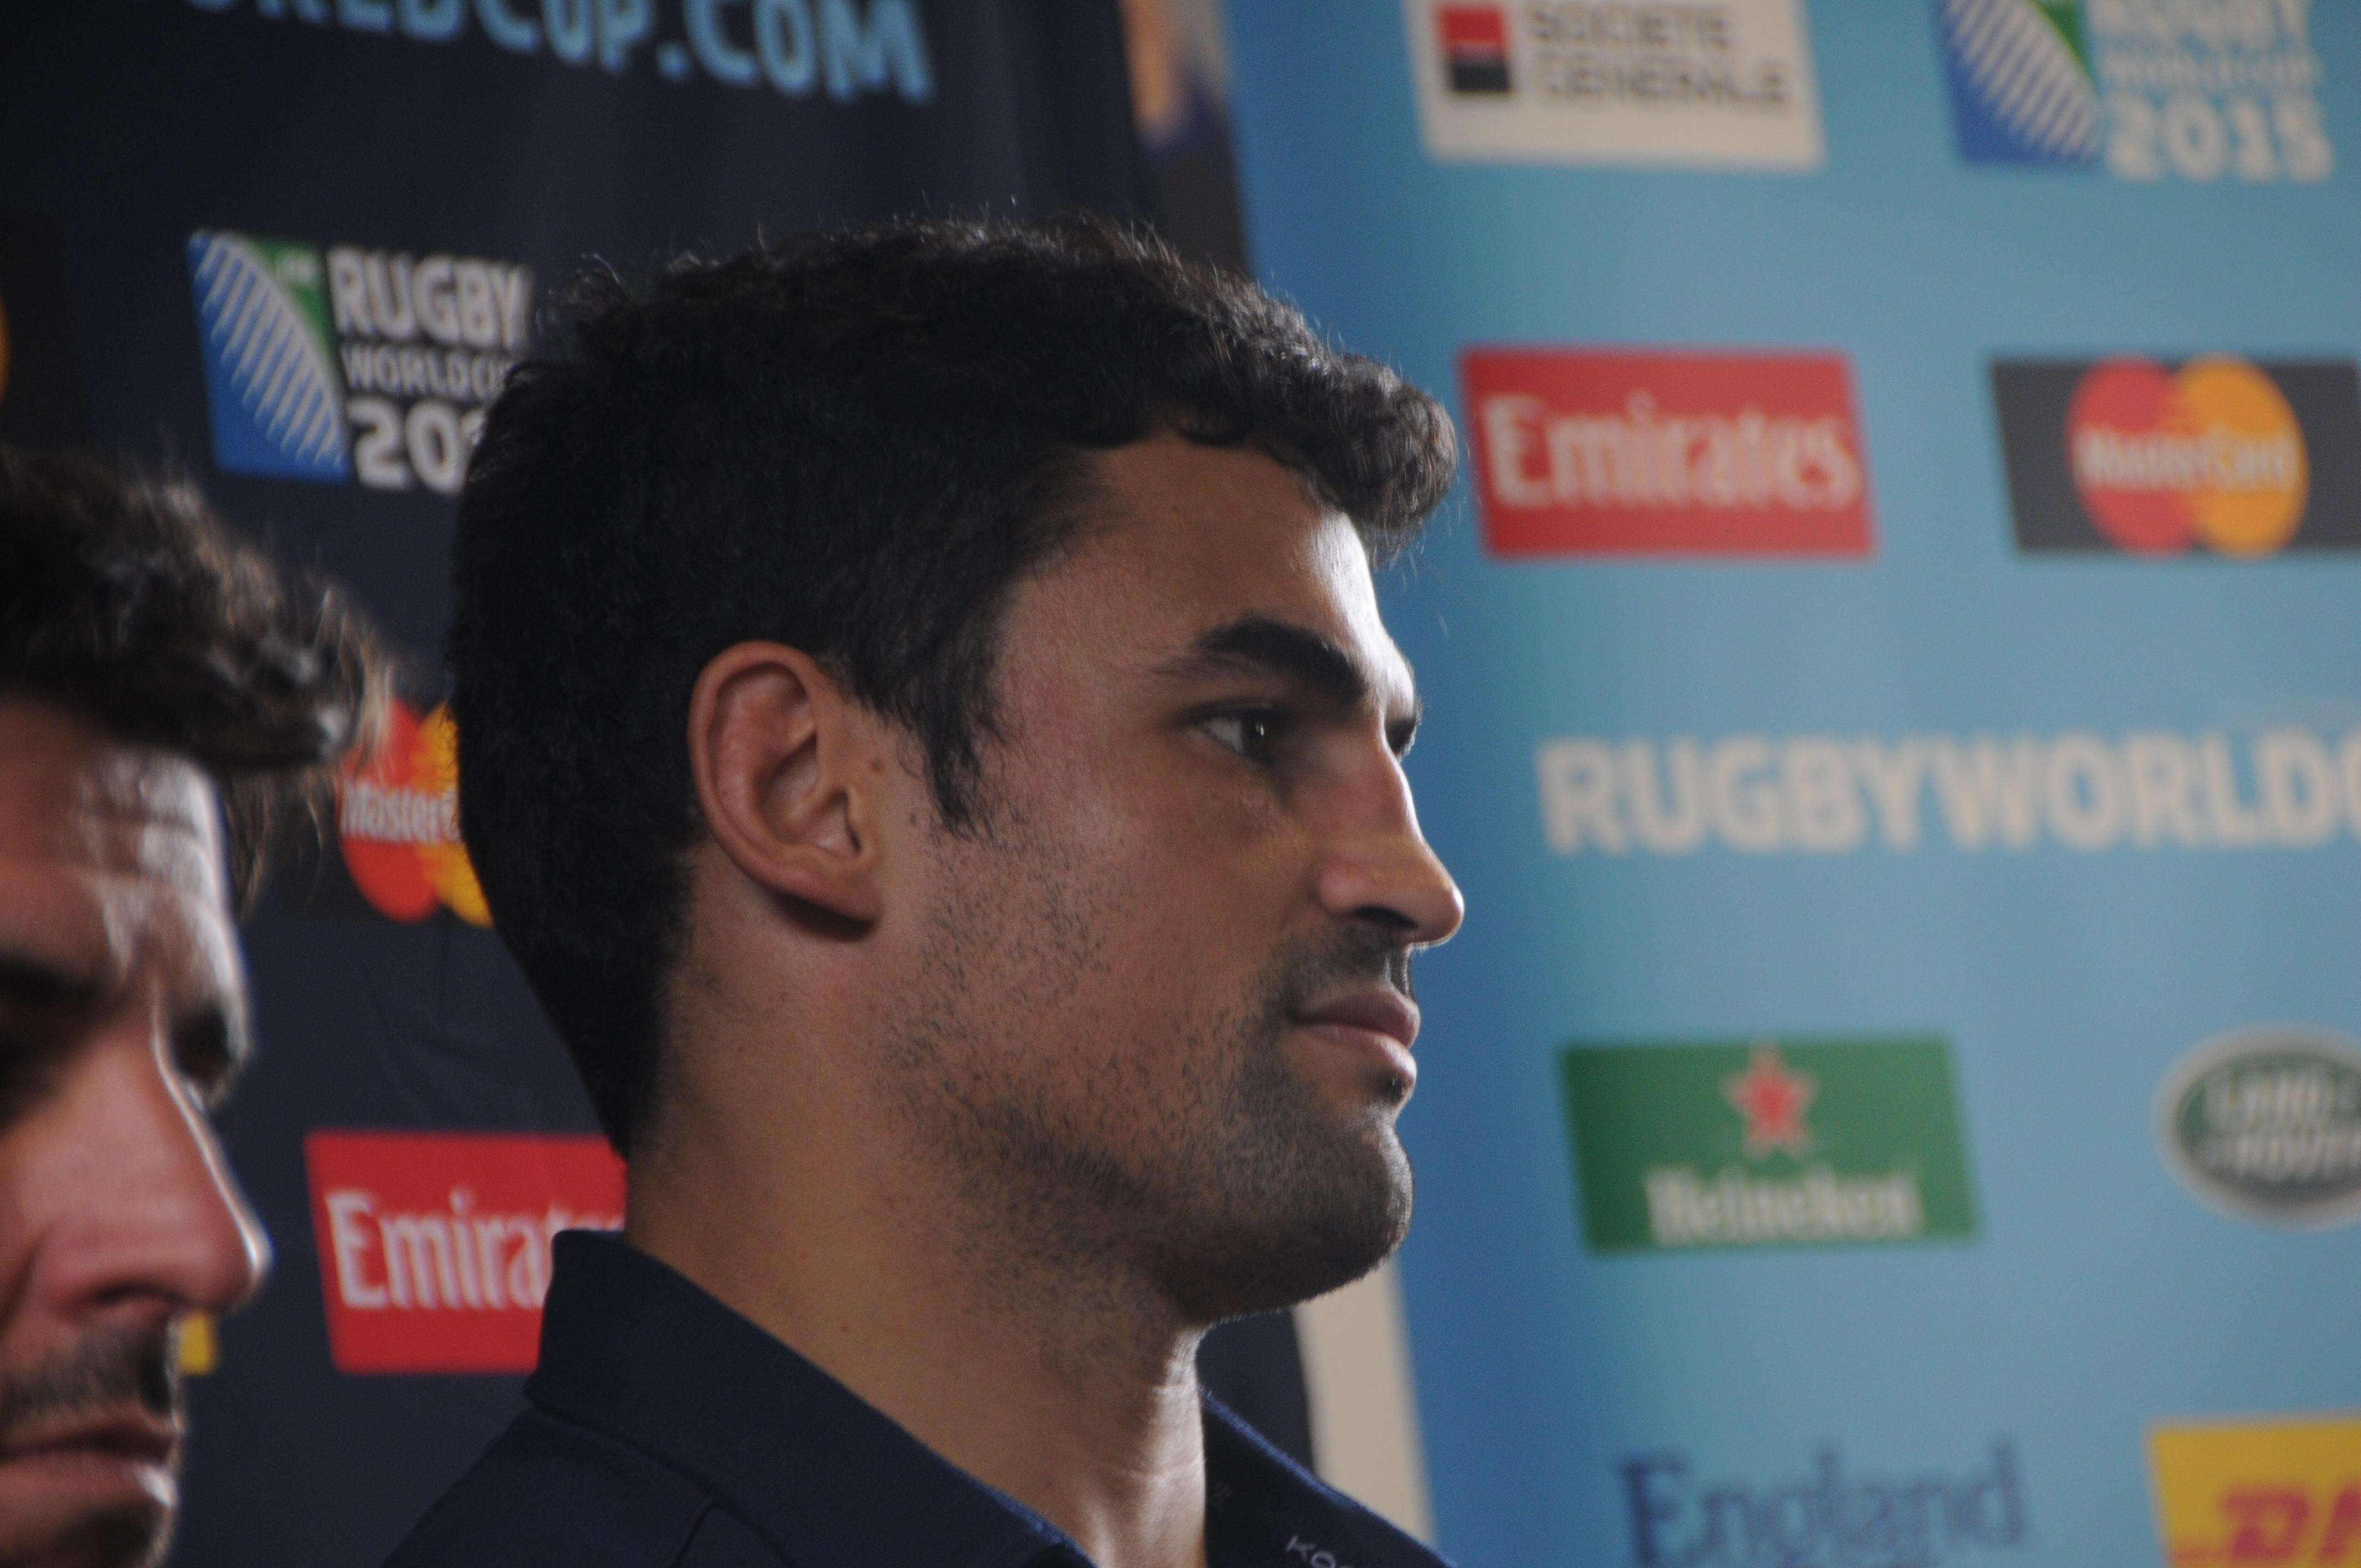 Alberto Roman